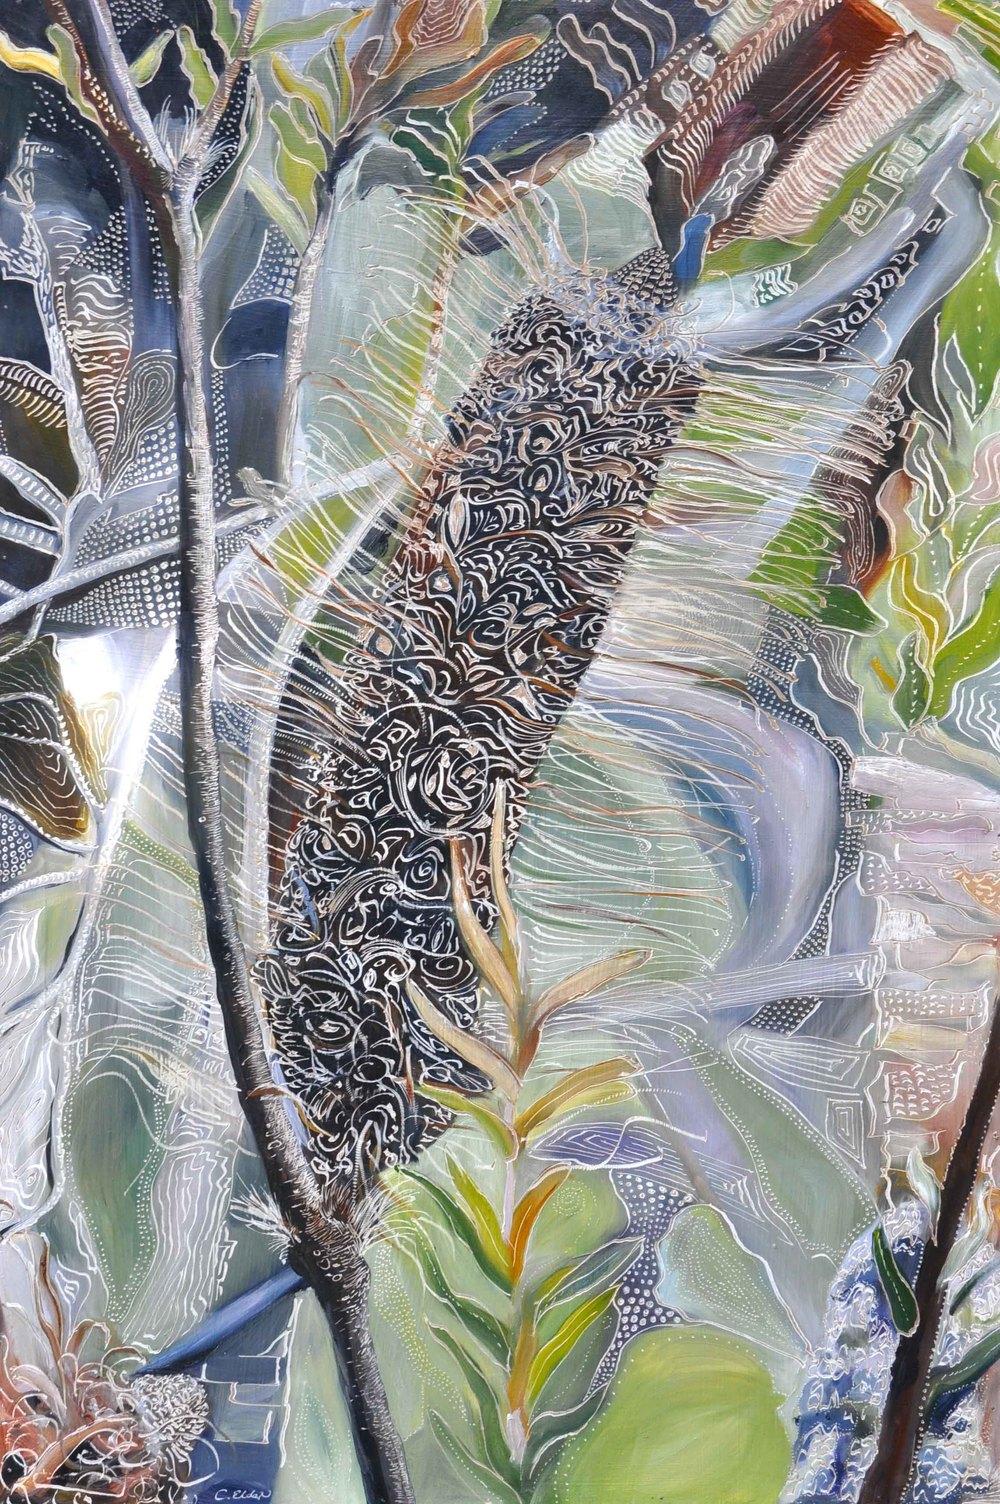 Title: Banksia ericifolia - Passing